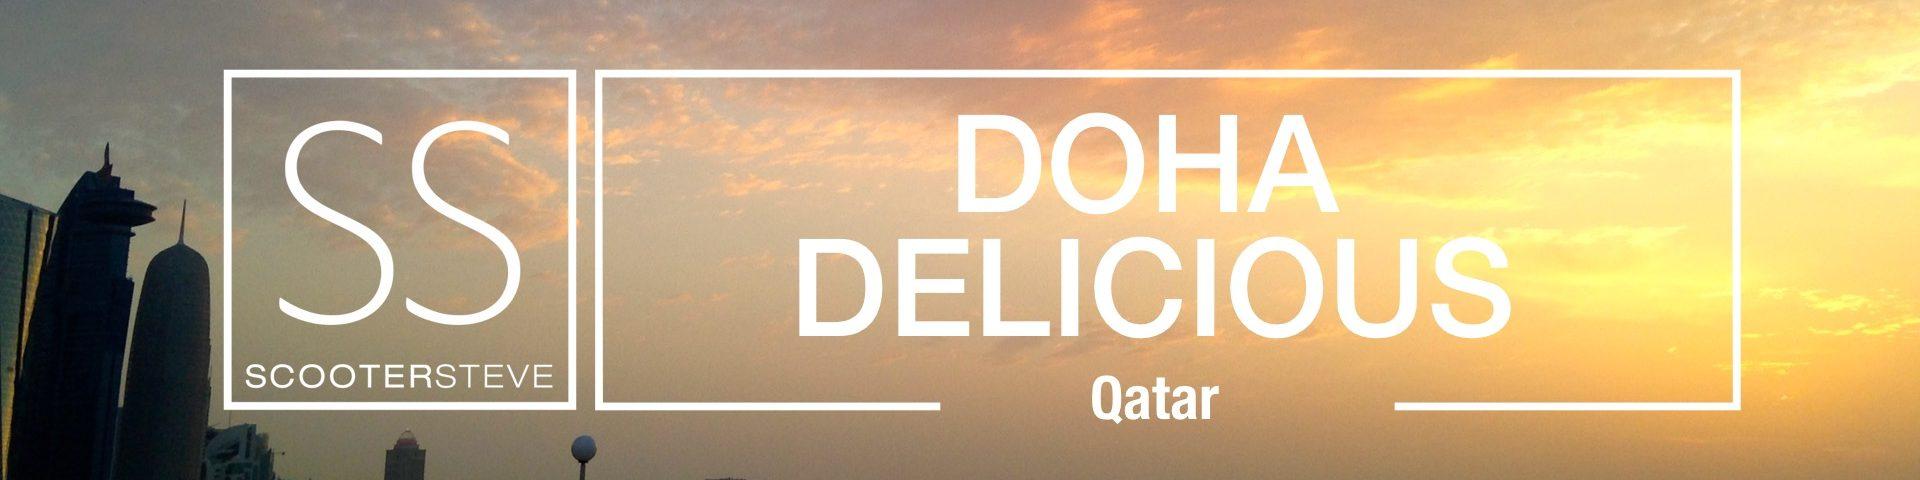 Doha Delicious